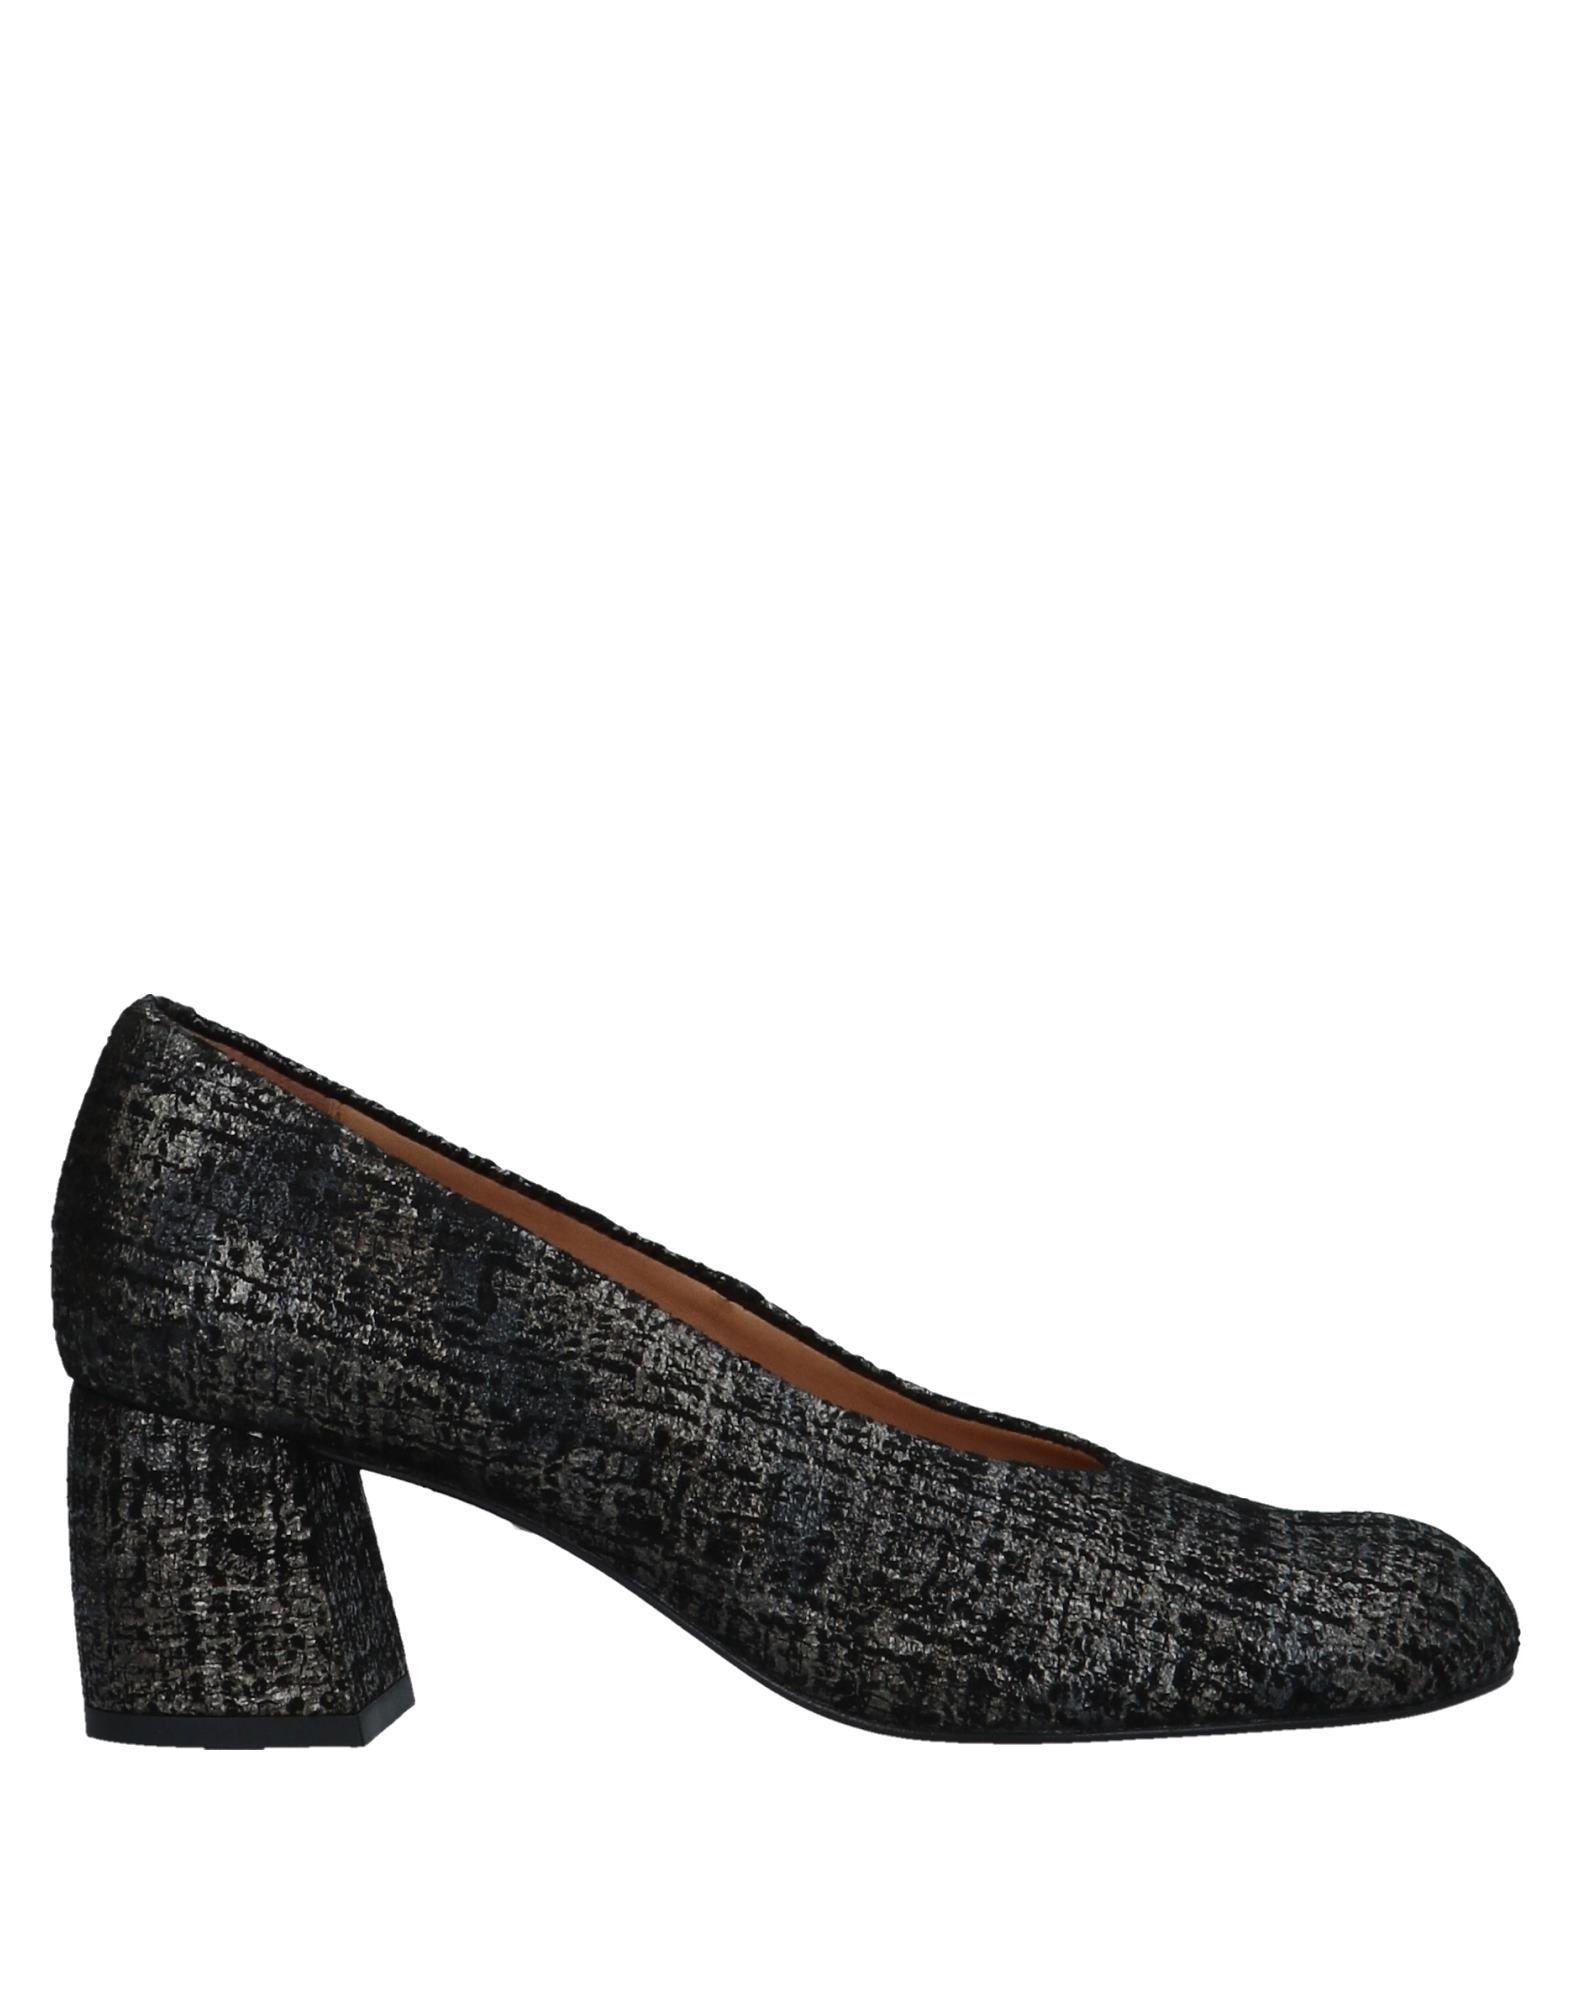 Nuevos zapatos para hombres descuento y mujeres, descuento hombres por tiempo limitado Zapato De Salón Audley Mujer - Salones Audley  Bronce 81e7de